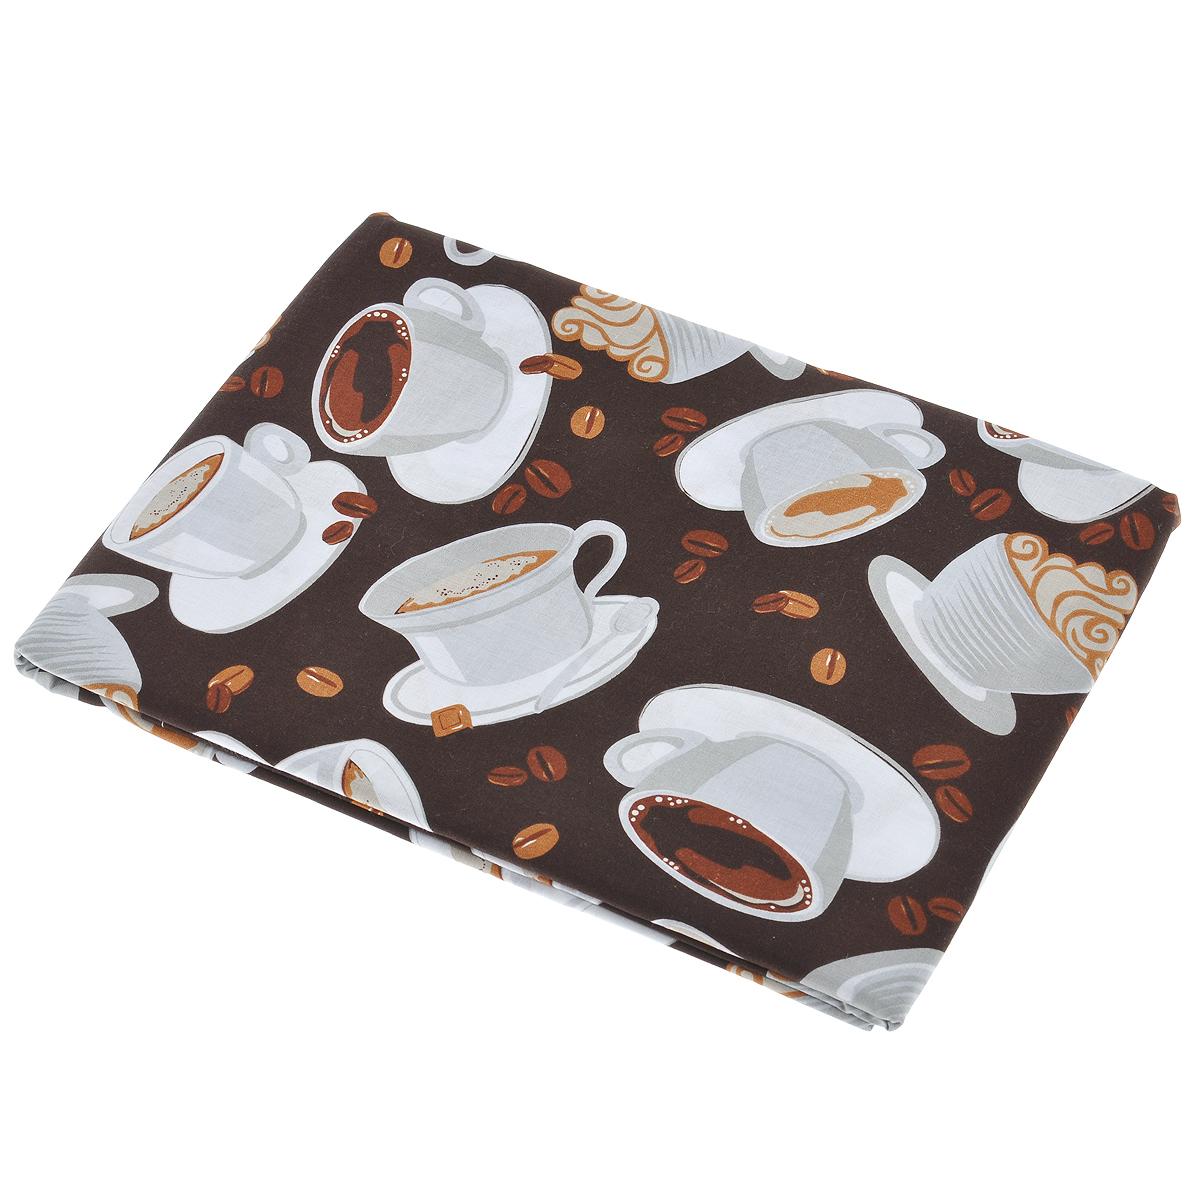 """Скатерть House & Holder """"Чашка кофе"""" изготовлена из хлопка. Использование такой скатерти сделает застолье более торжественным, поднимет настроение гостей и приятно удивит их вашим изысканным вкусом. Также вы можете использовать эту скатерть для повседневной трапезы, превратив каждый прием пищи в волшебный праздник и веселье. Не рекомендуется гладить и стирать в стиральной машине."""